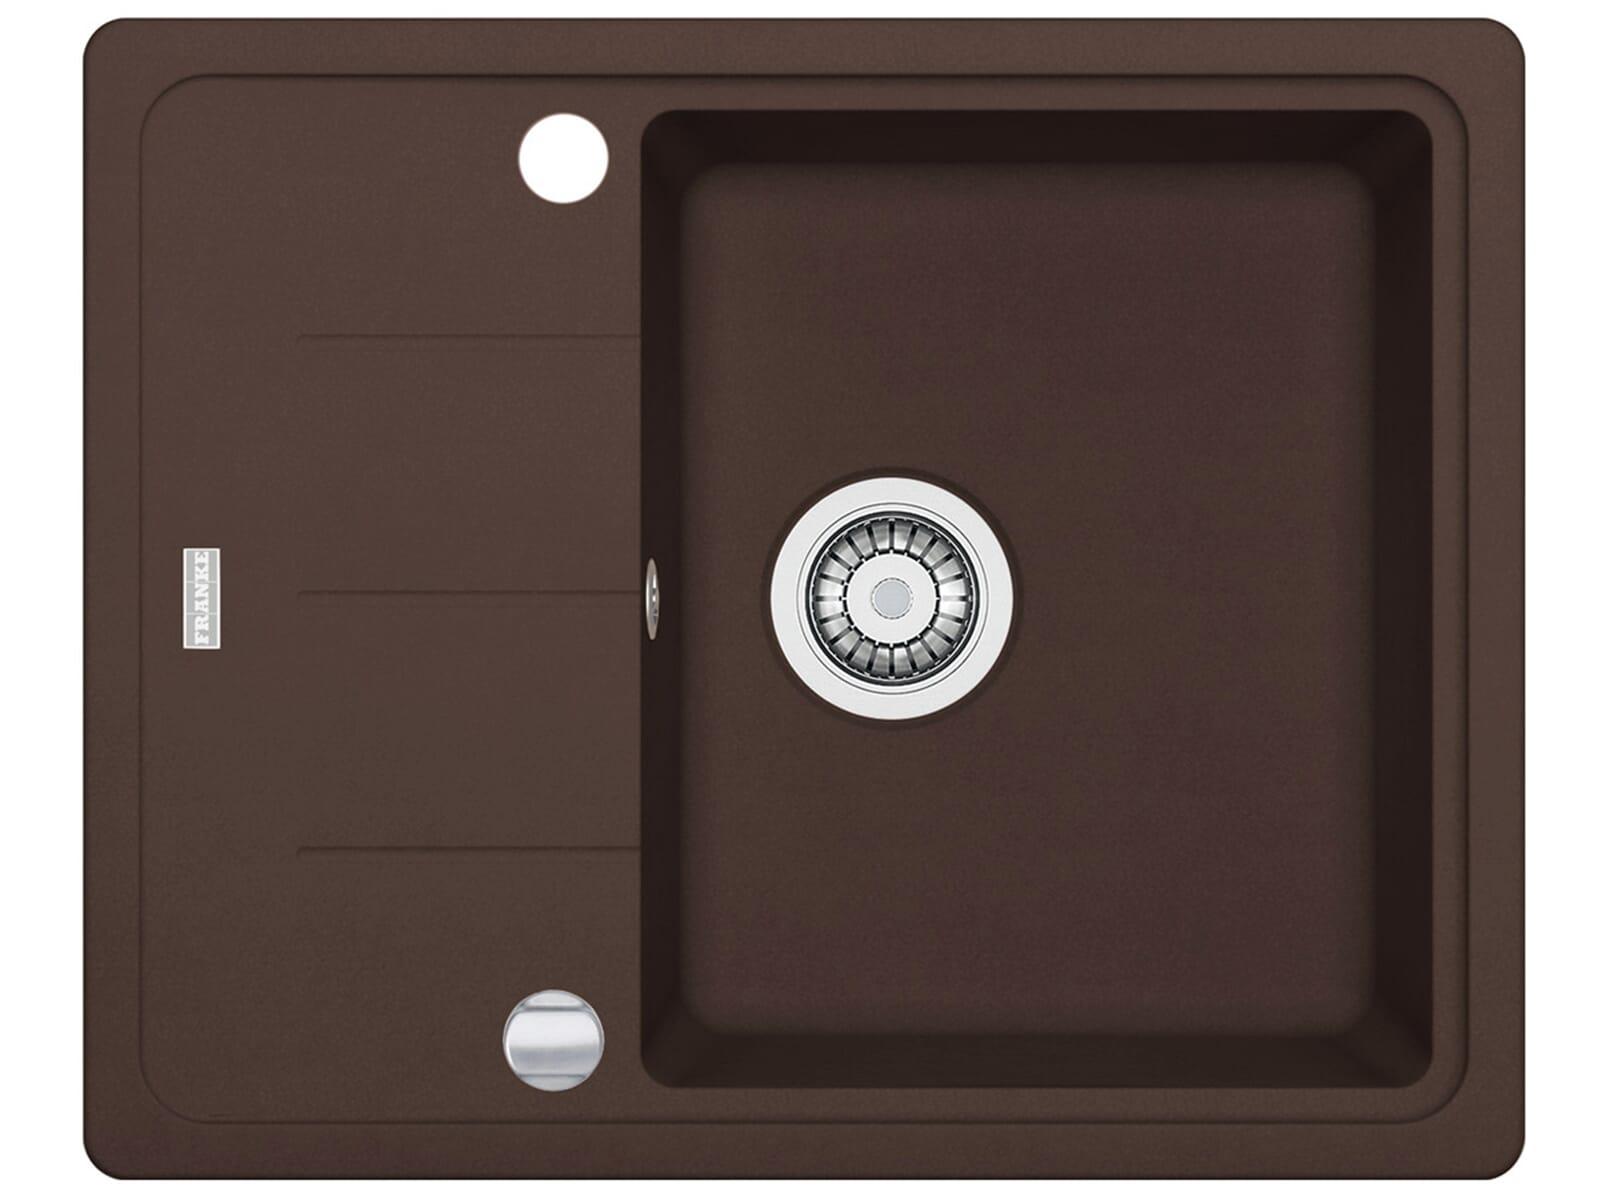 Draufsicht von Franke Basis BFG 611-62 Chocolate Granit-Spüle